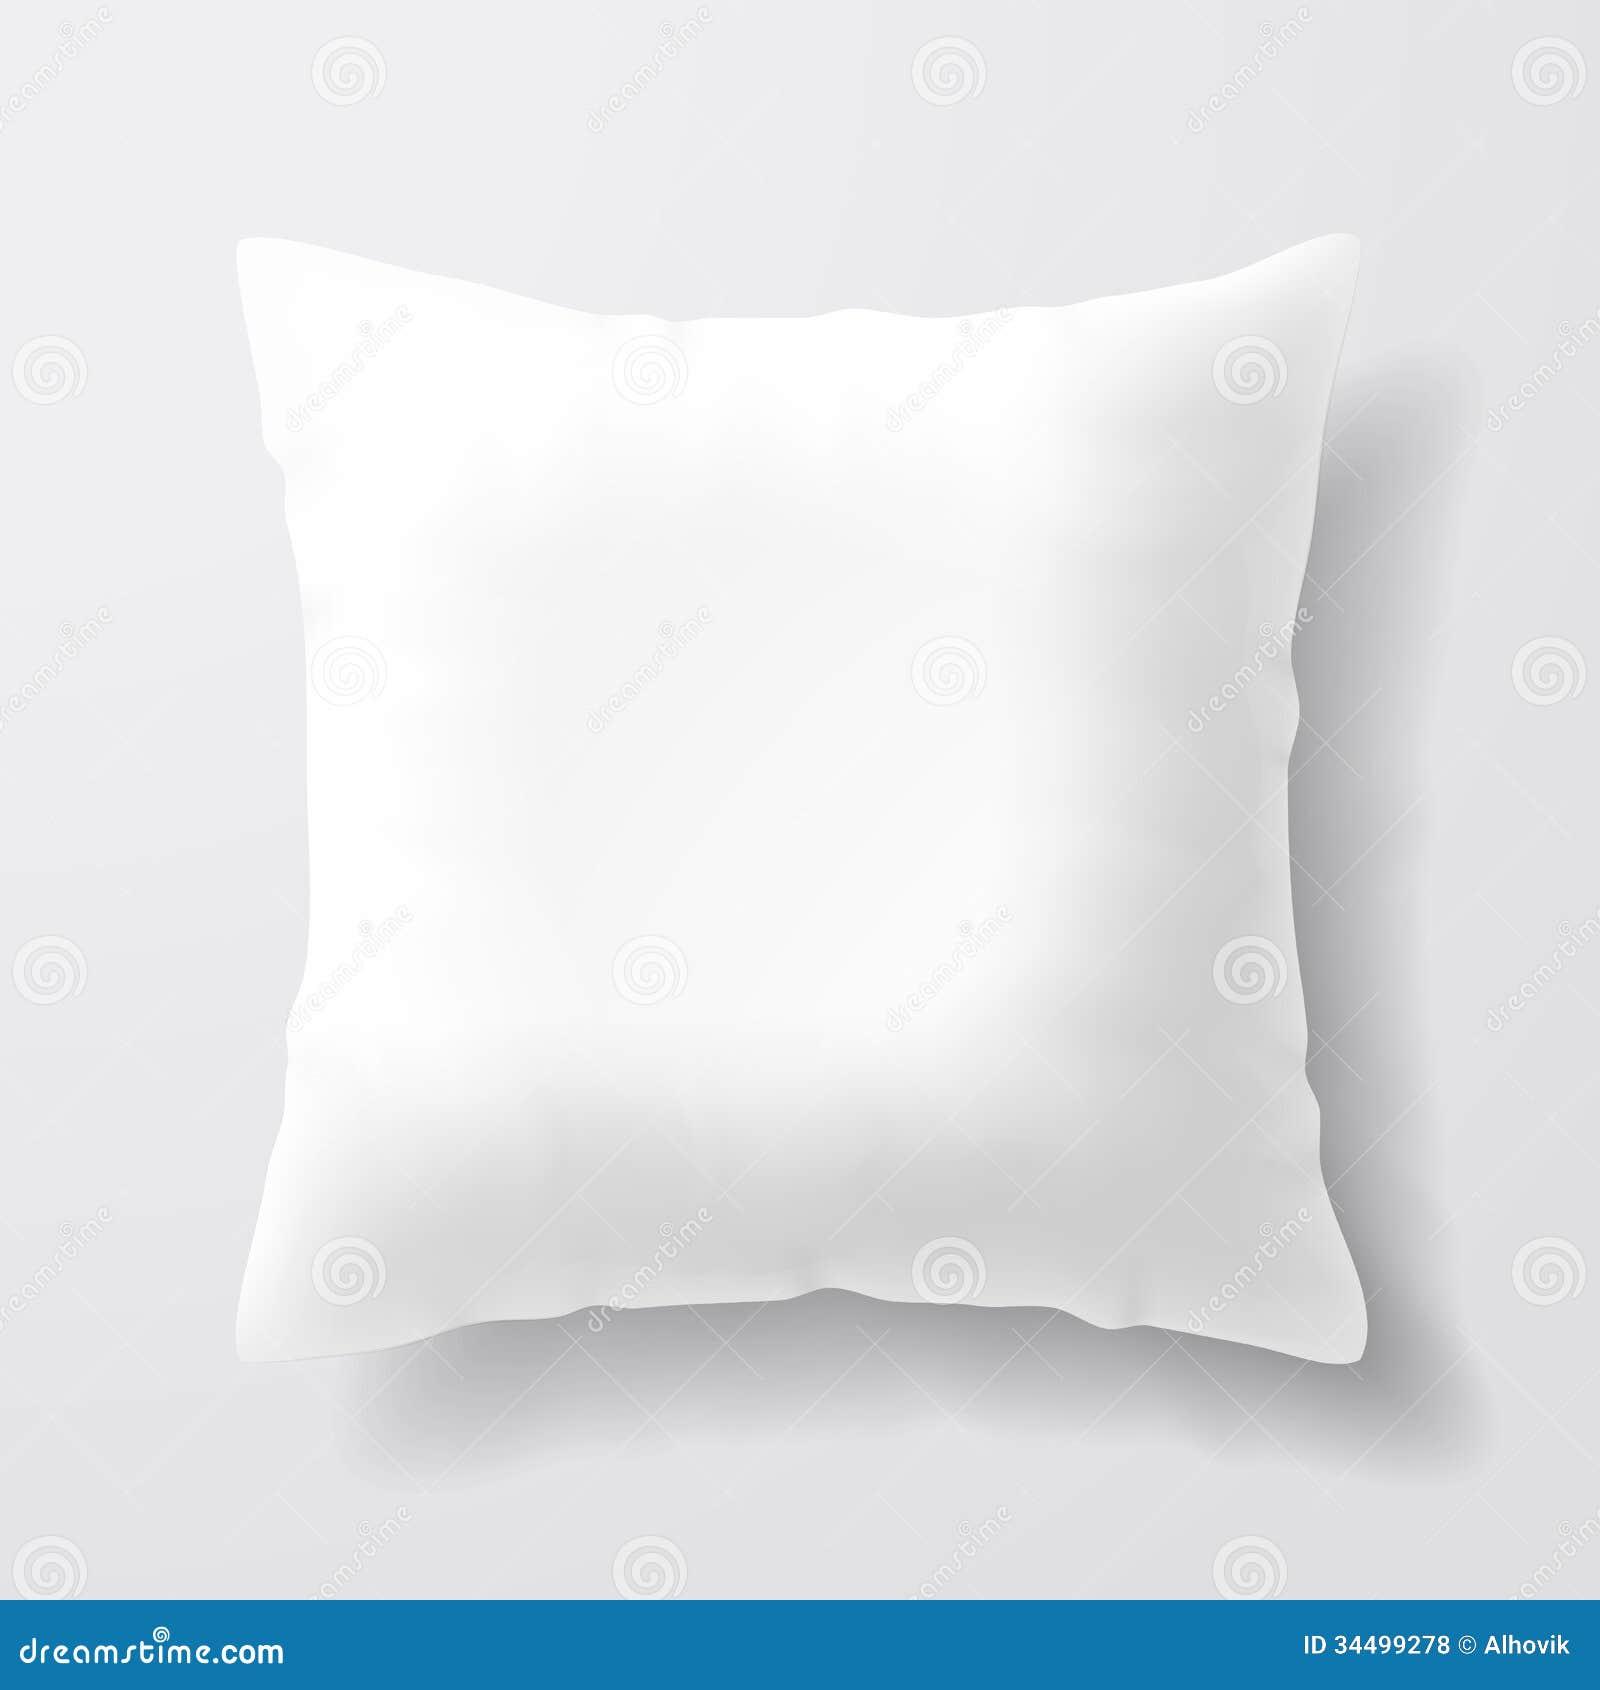 Blank White Square Pillow Royalty Free Stock Photos ...